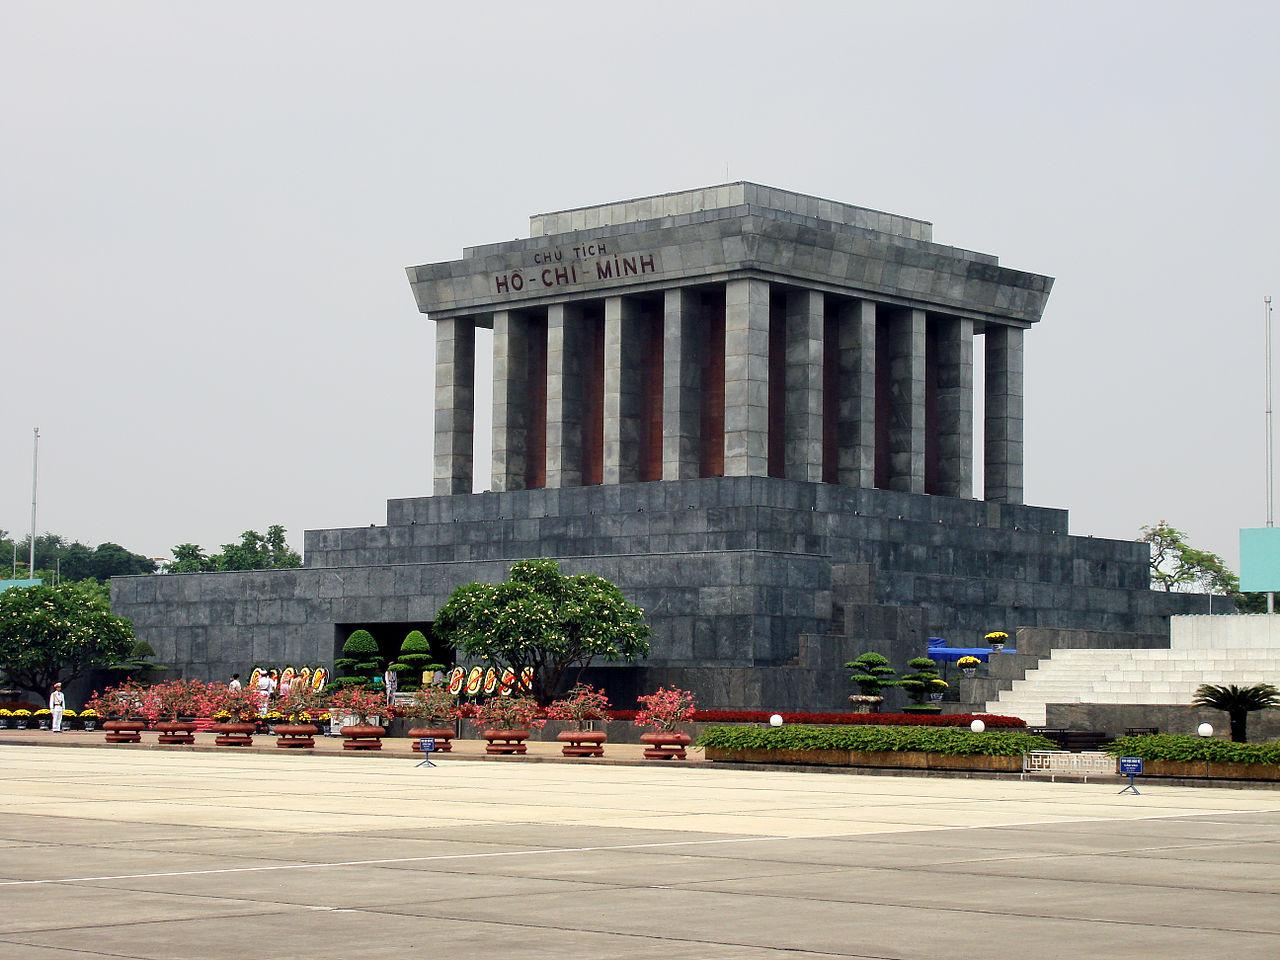 danh lam thắng cảnh hà nội lăng chủ tịch Hồ Chí Minh